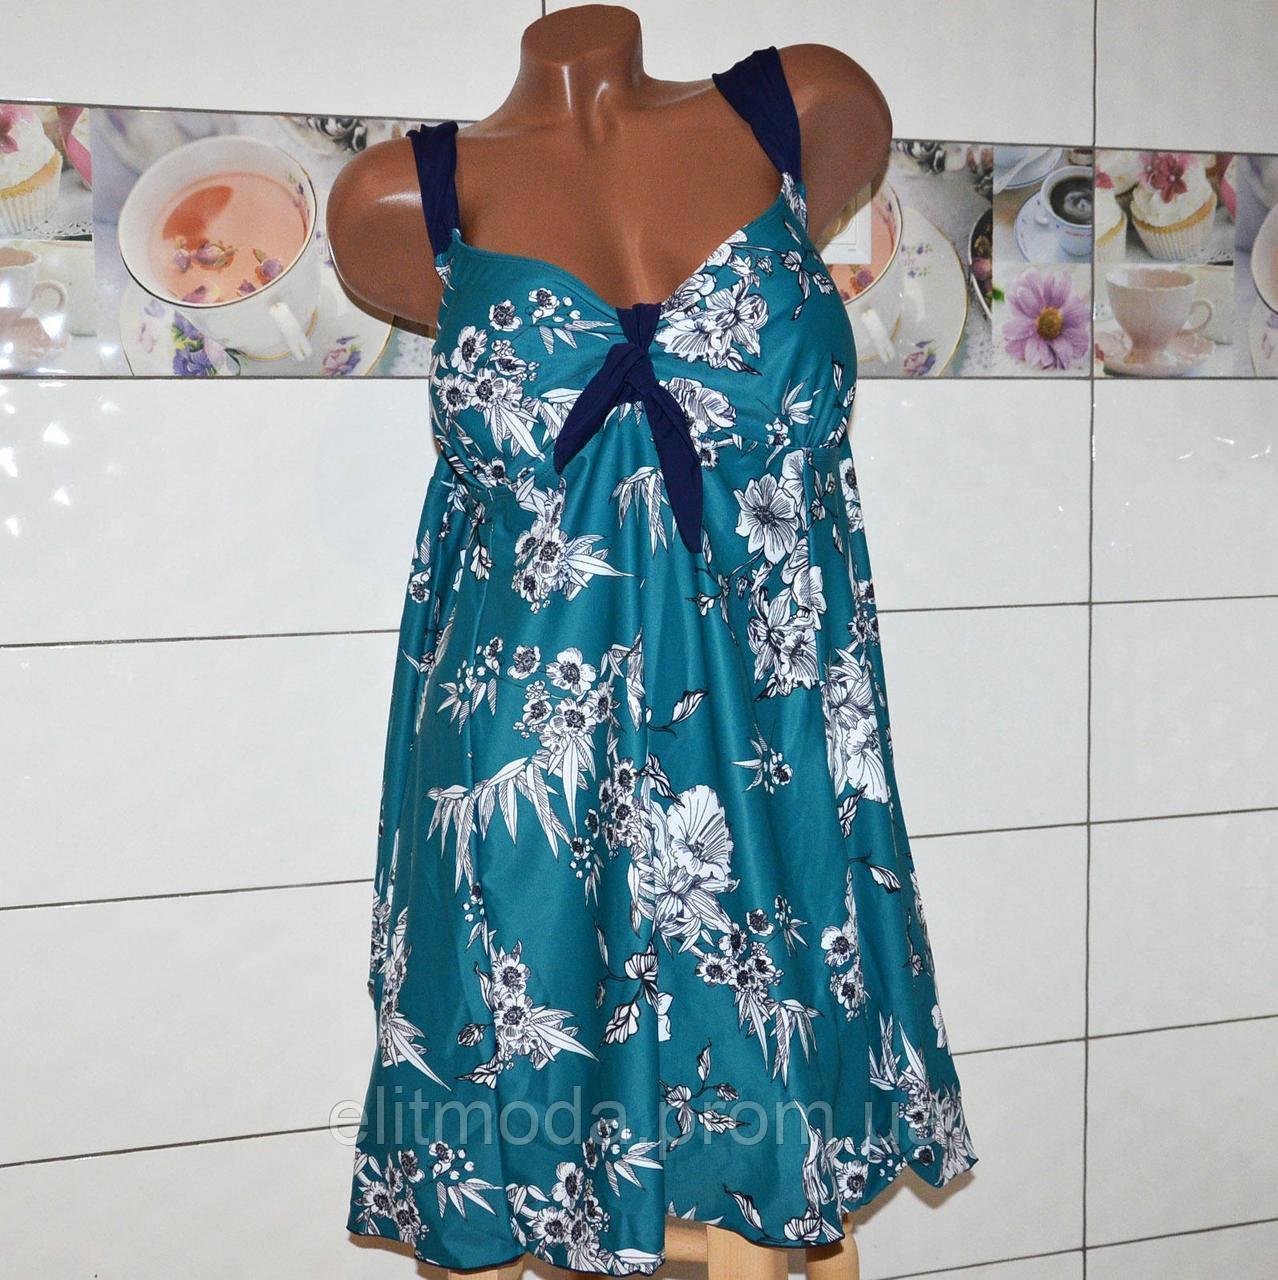 f479905b152a5 Большой 70 размер! Зеленый модельный купальник платье для полных женщин,  высокие плавки. -